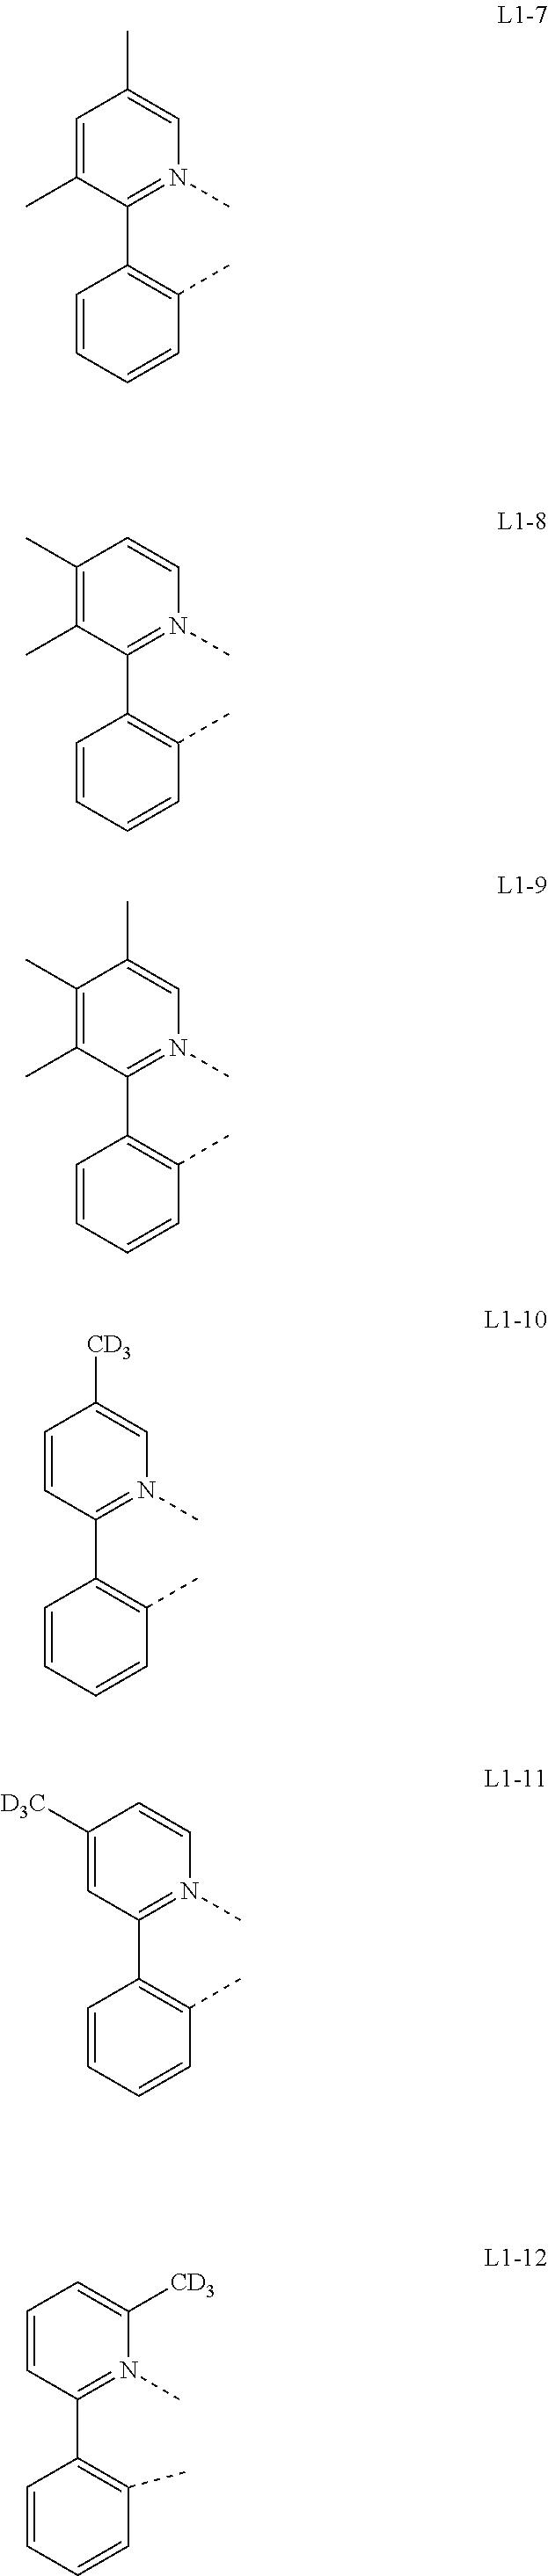 Figure US10074806-20180911-C00044